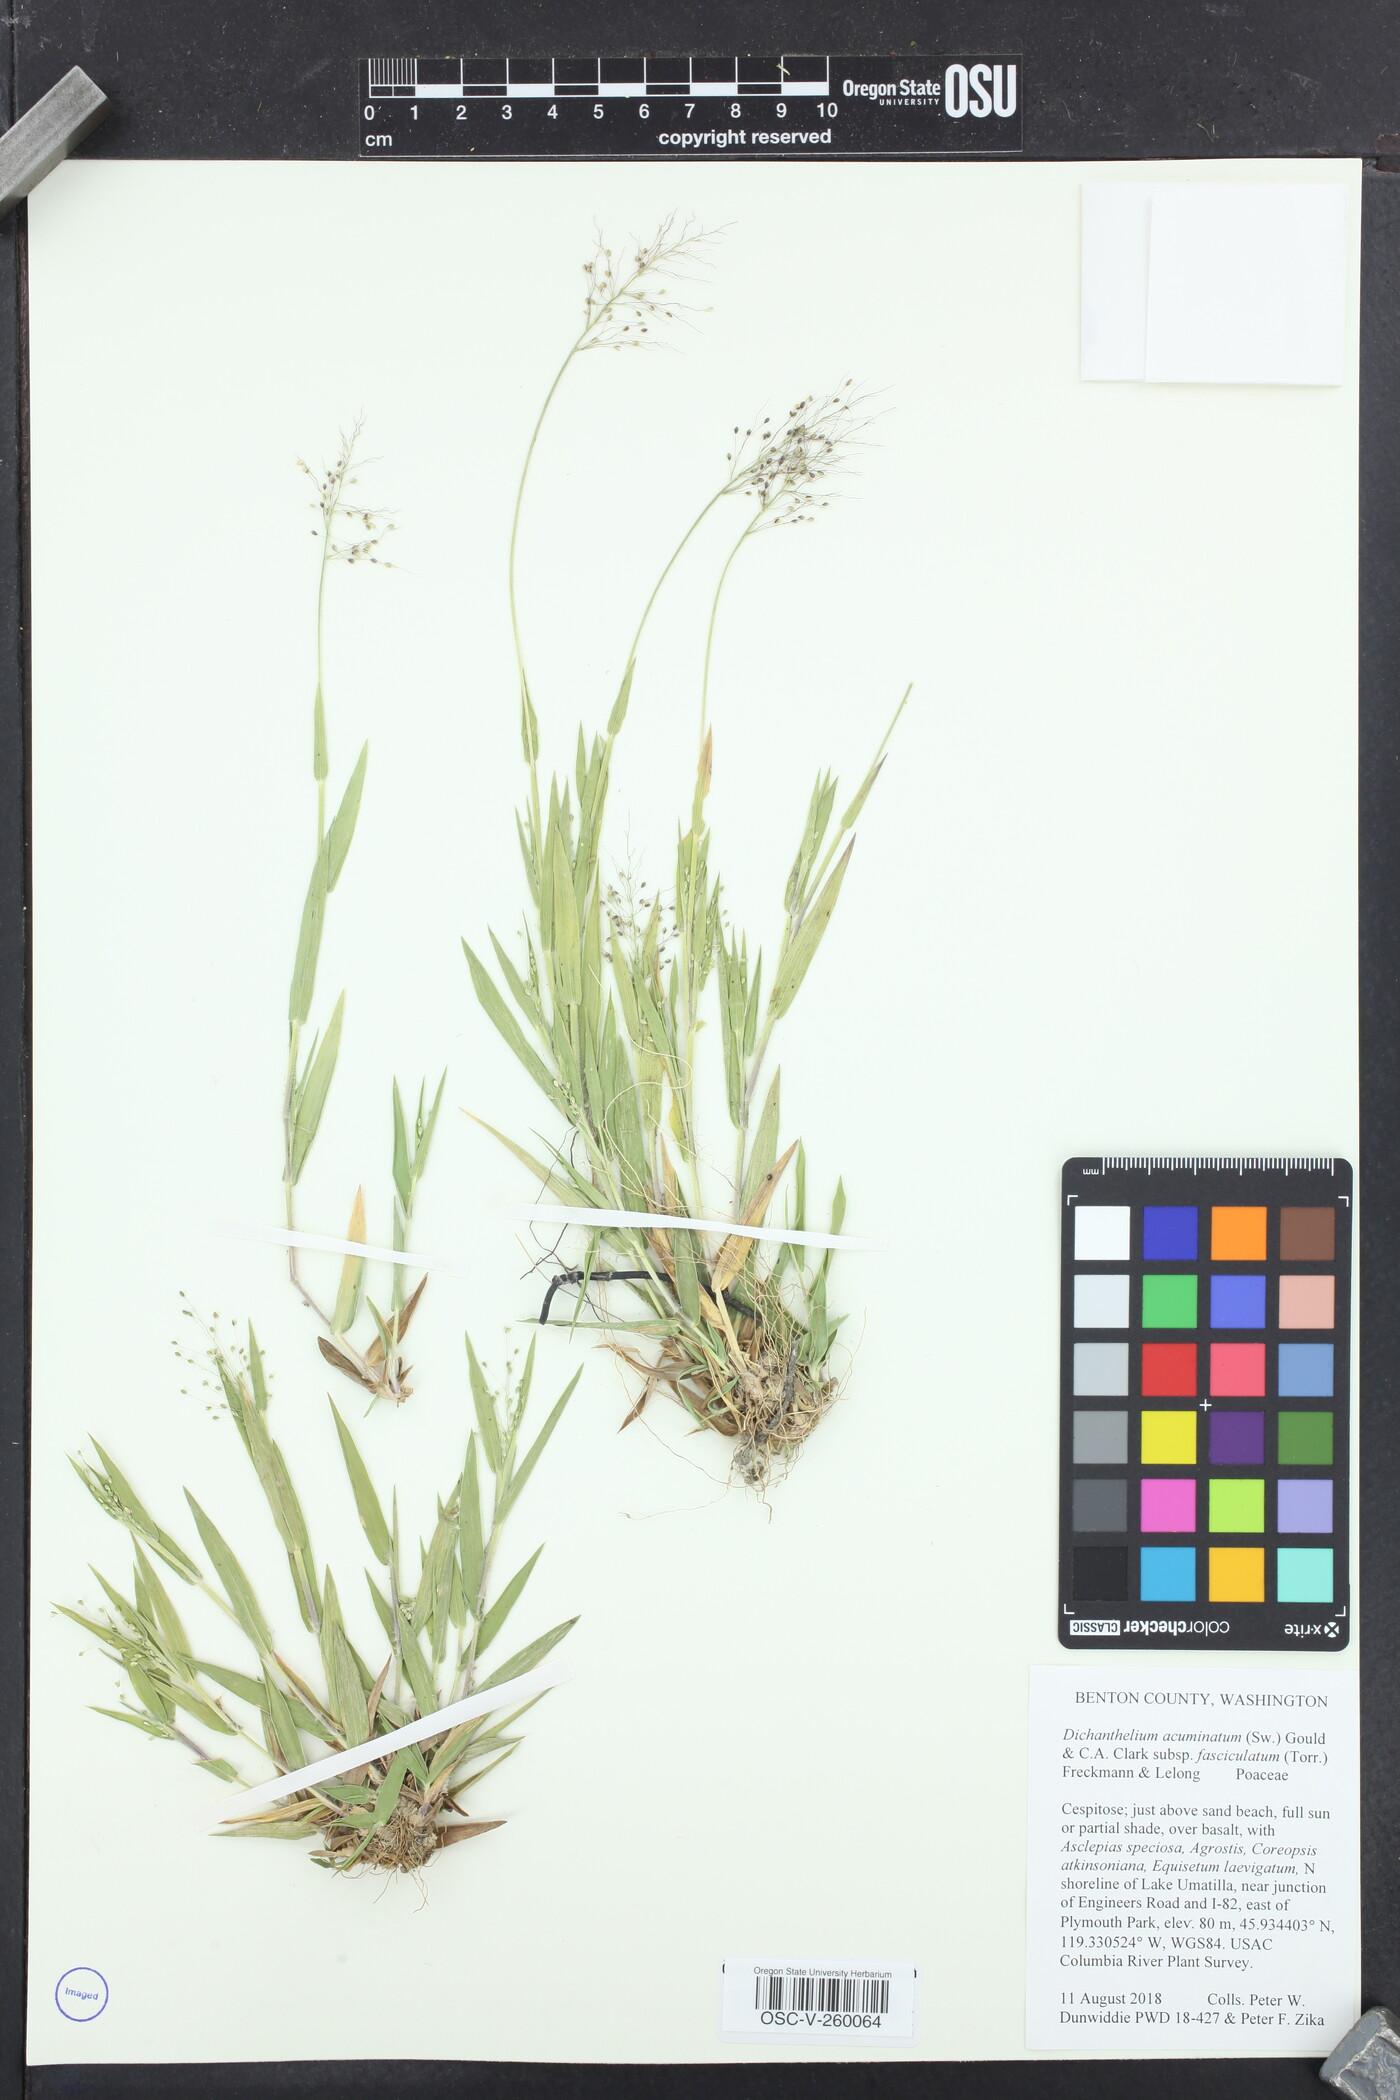 Panicum acuminatum var. lindheimeri image